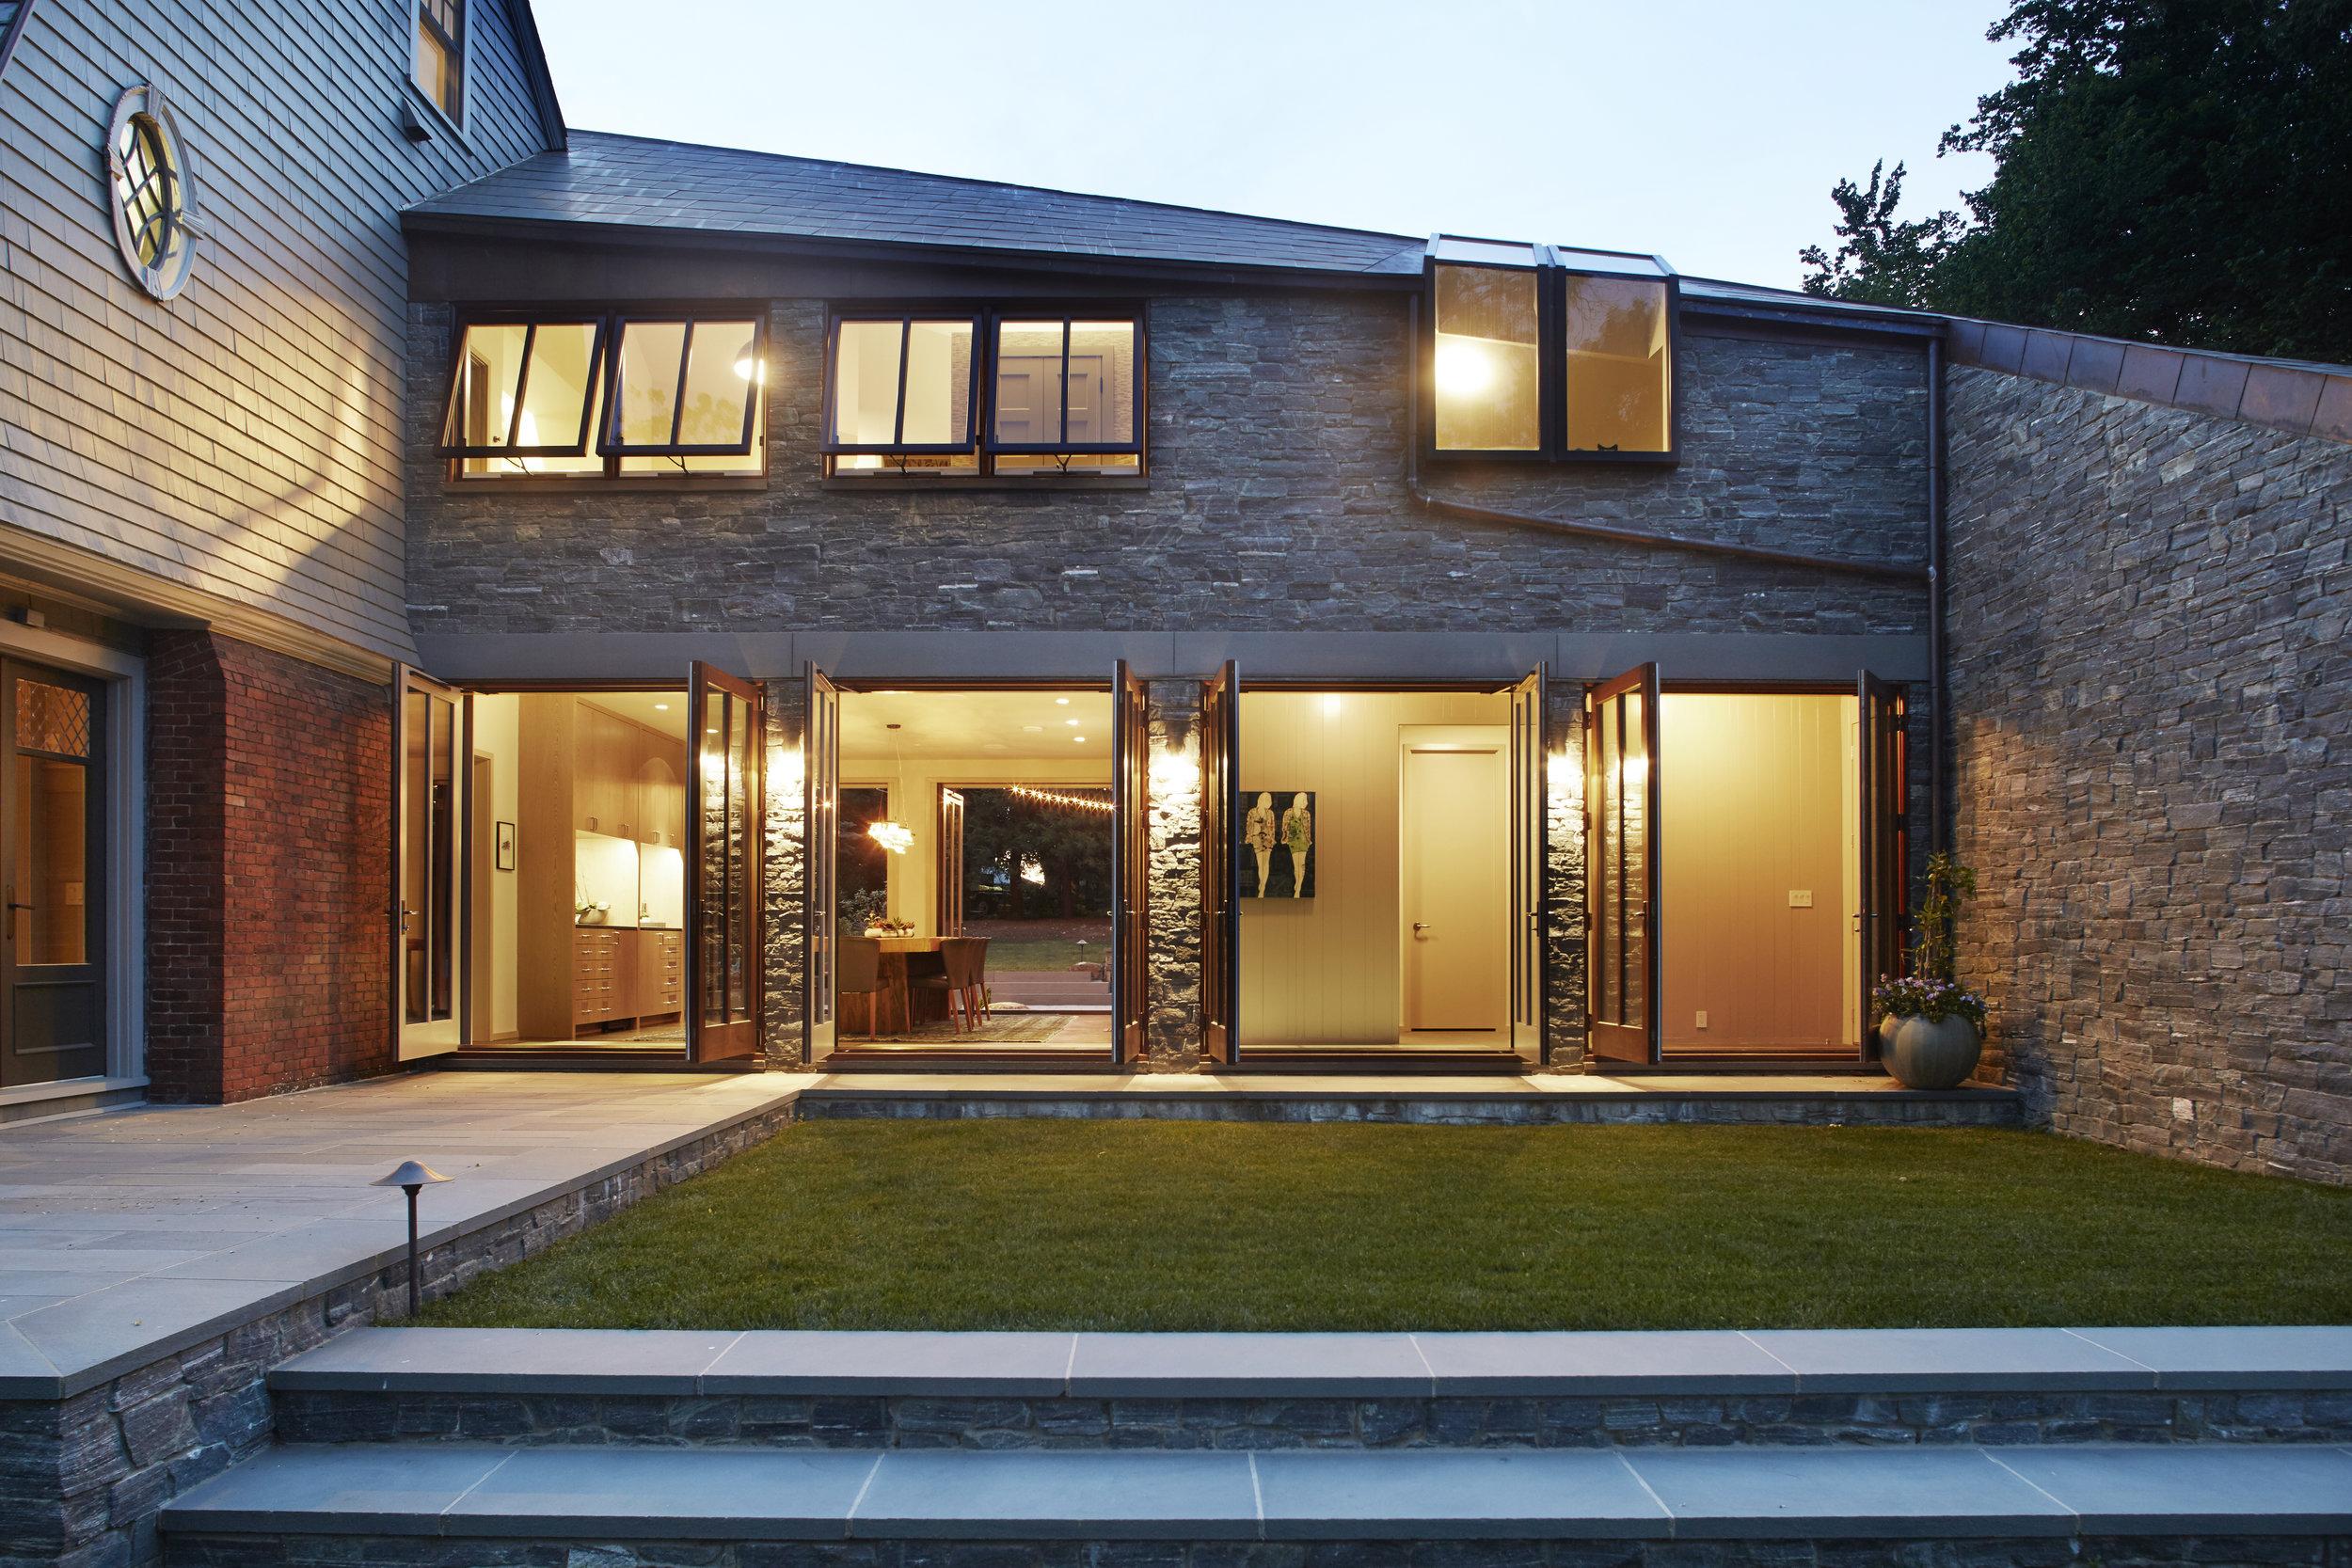 kennard architects - _L1A8323 1.jpg